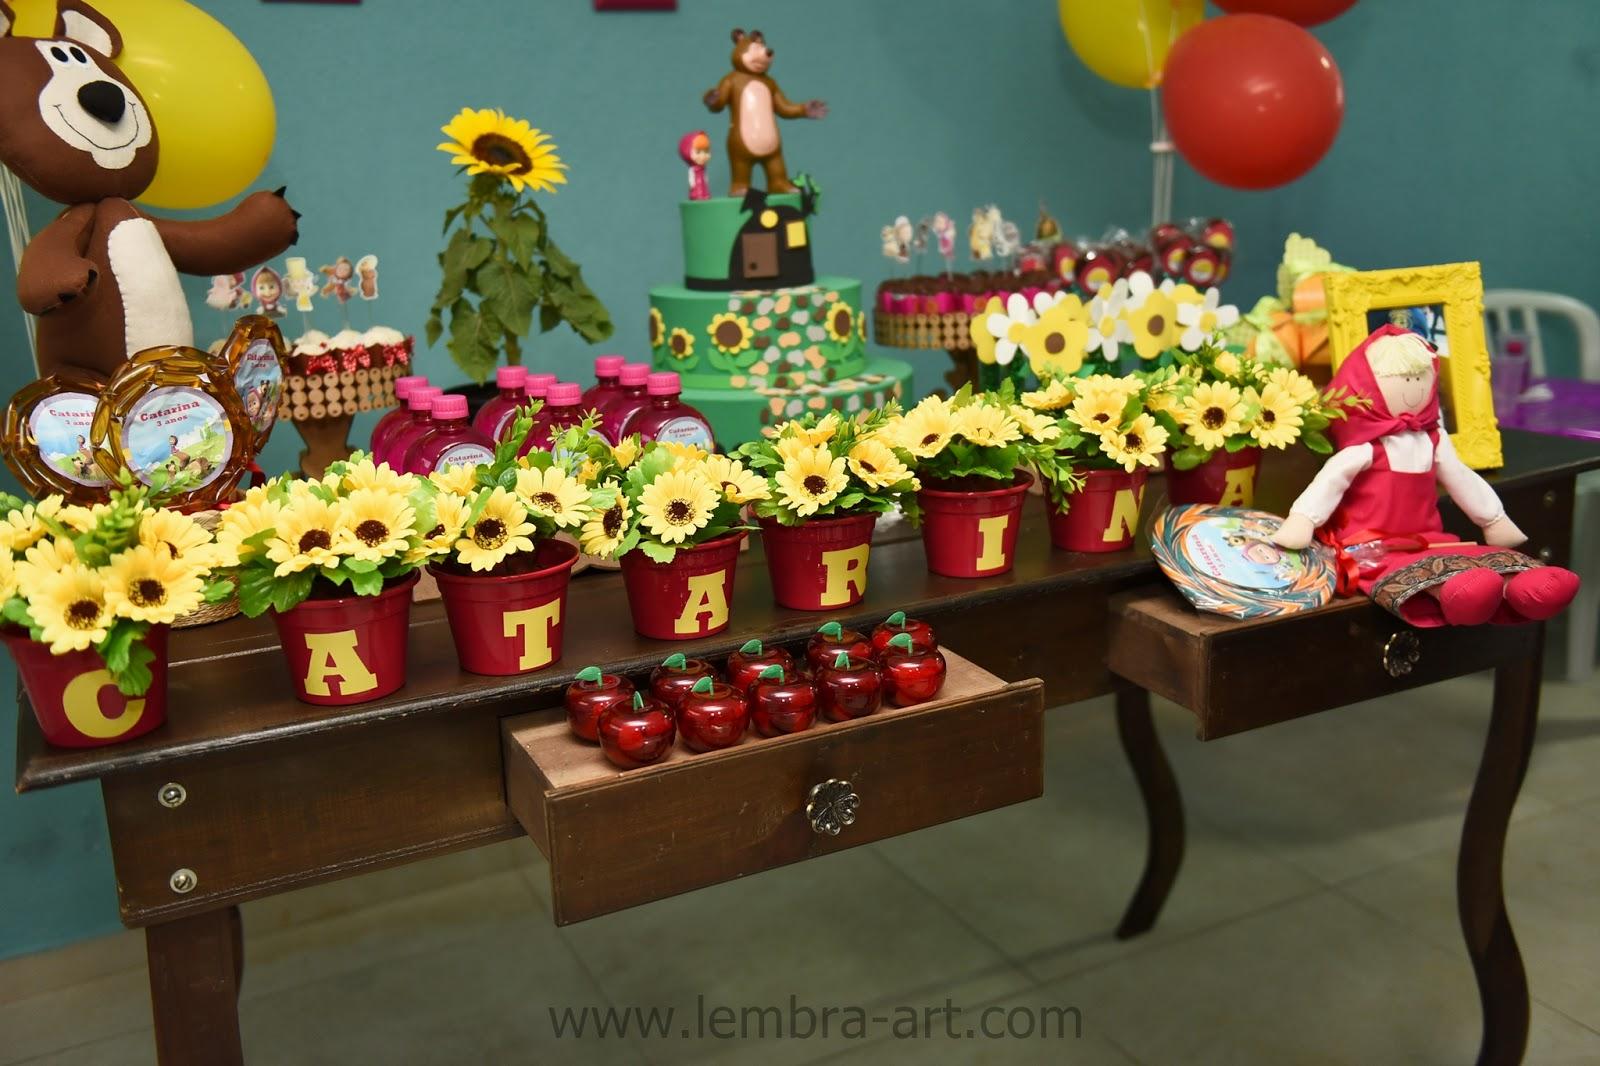 Lembra Art Produções Festa Masha E O Urso Ou Melhor Catarina E Os